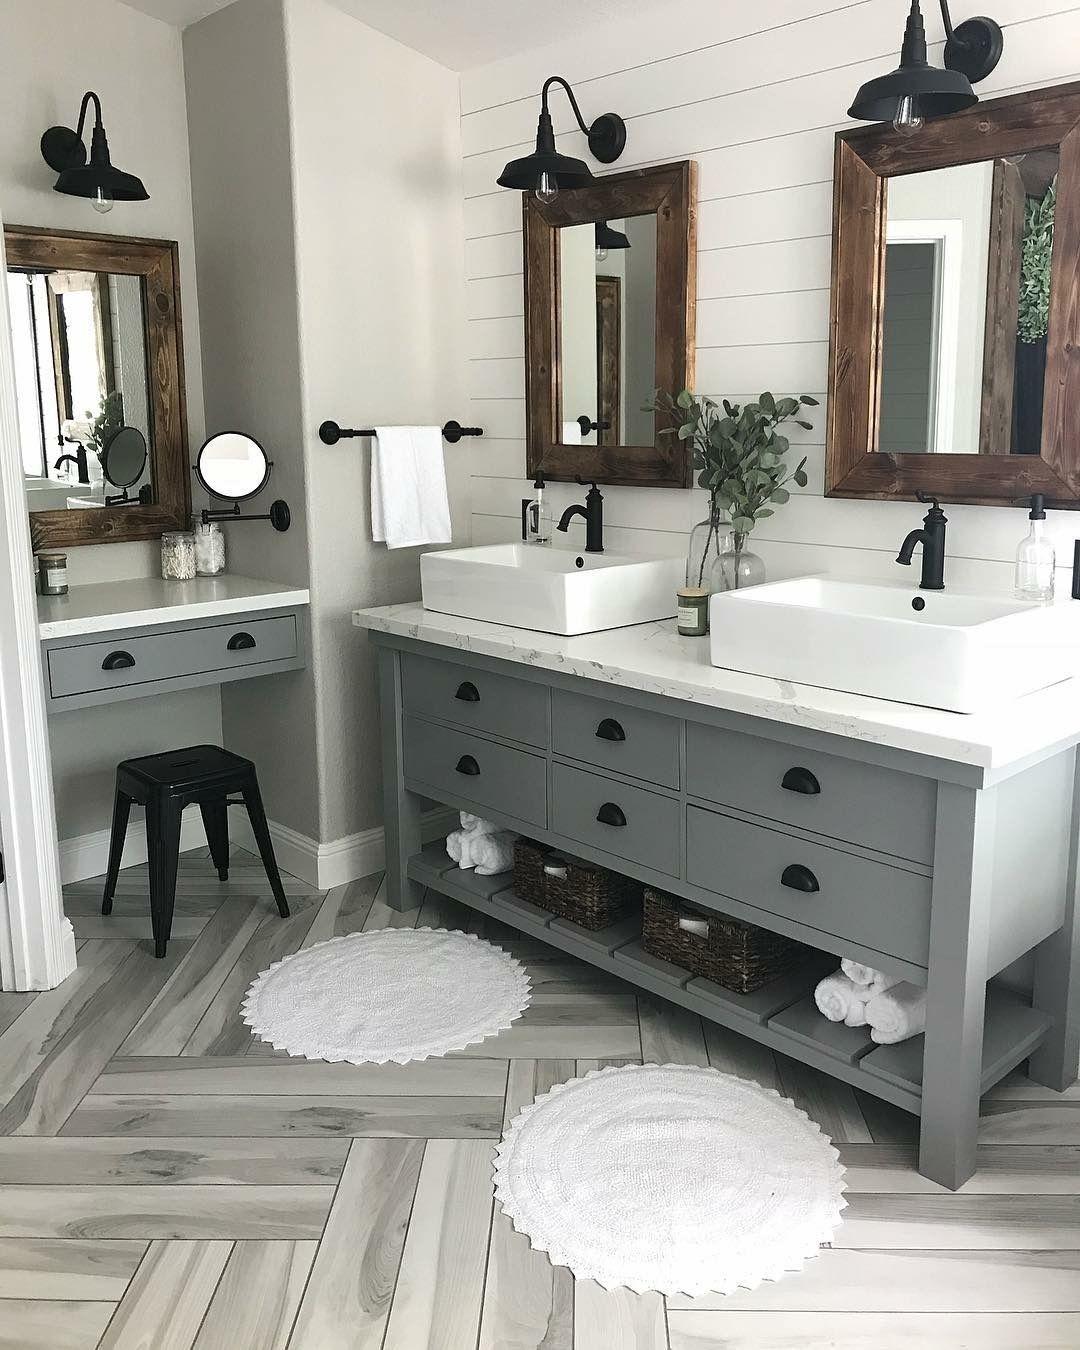 Minimalist Master Bathroom Remodel Ideas11